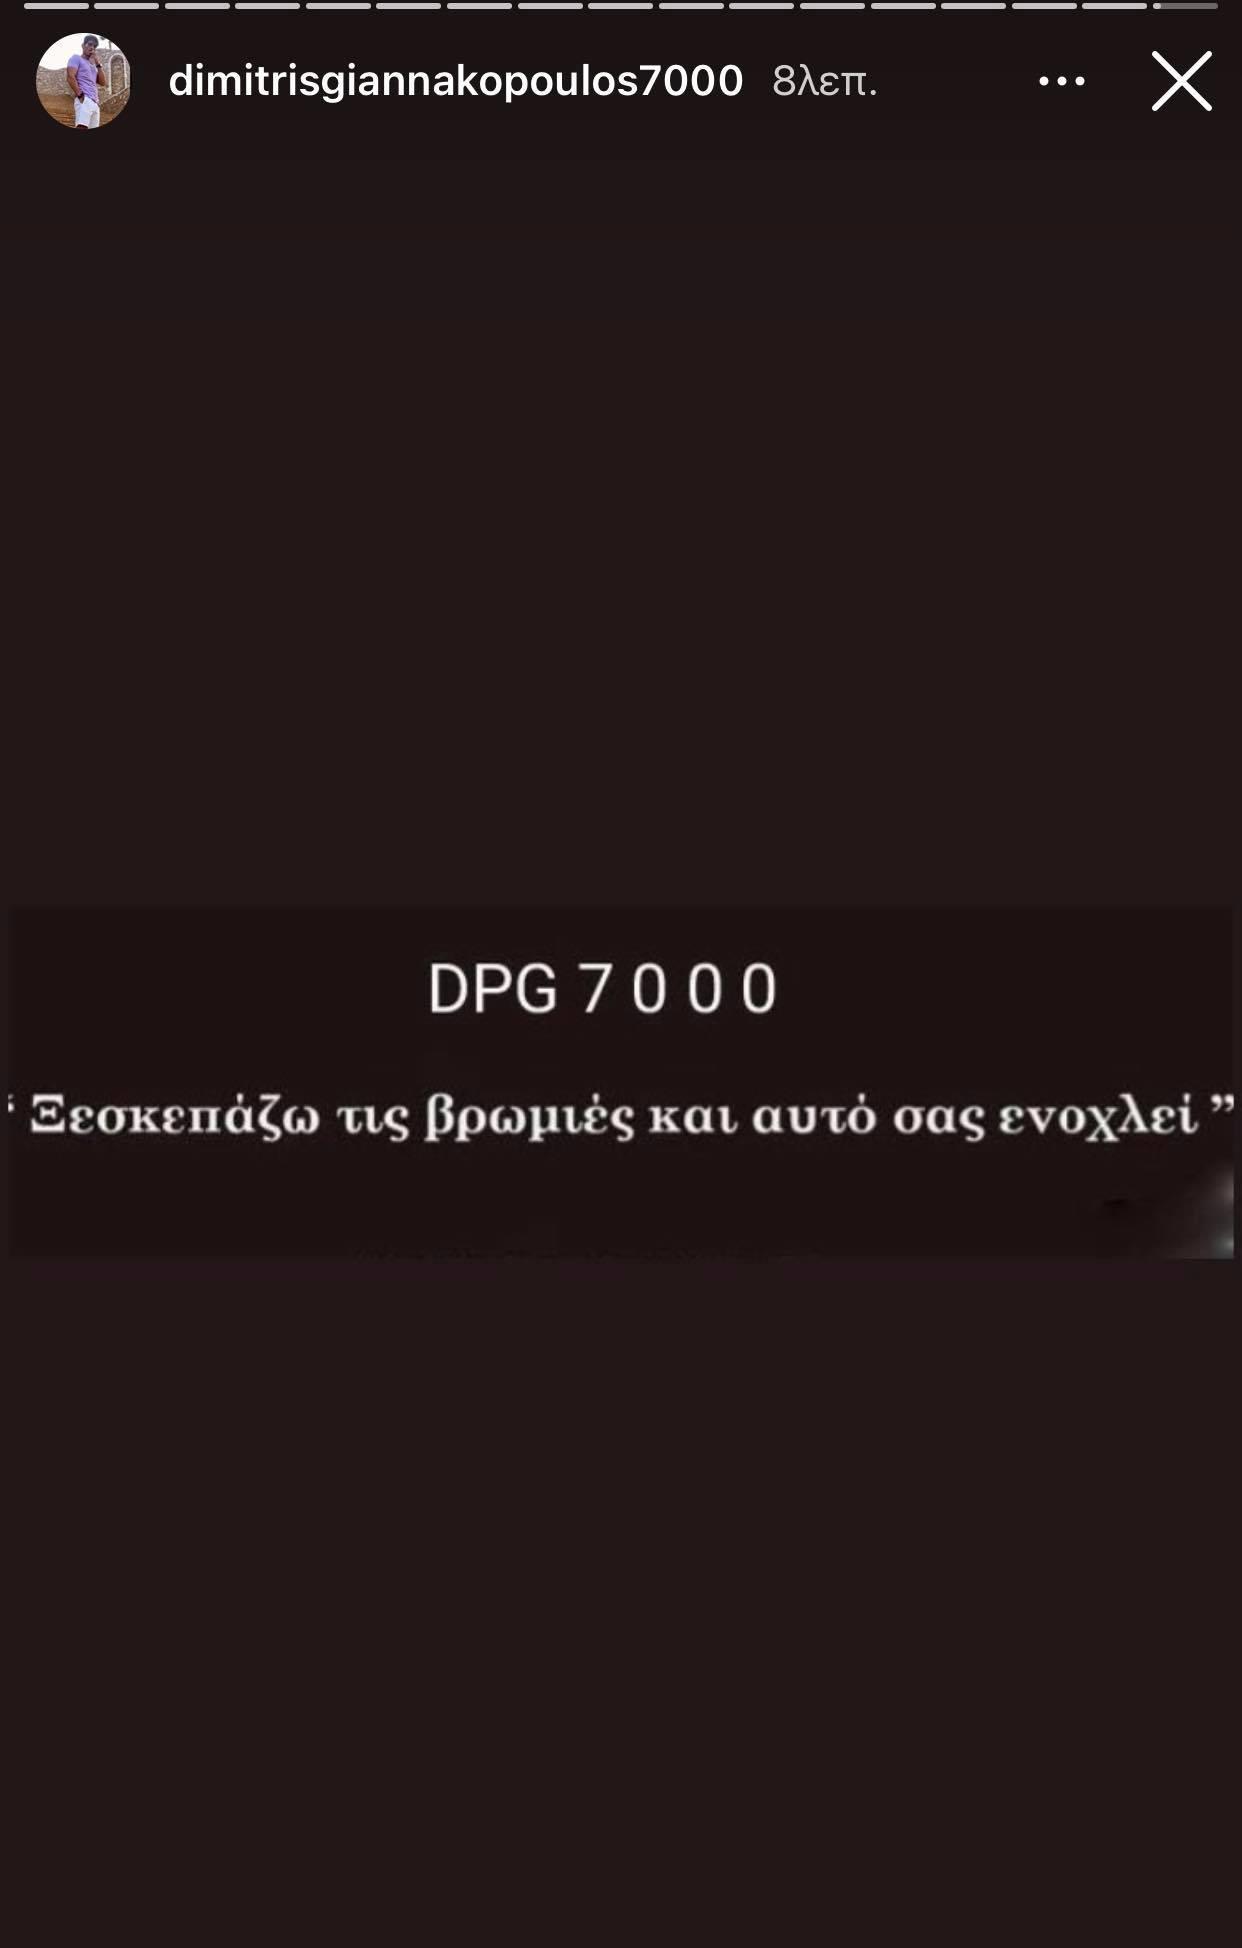 Γιαννακόπουλος: «Ξεσκεπάζω τις βρωμίες σας και αυτό σας ενοχλεί!»